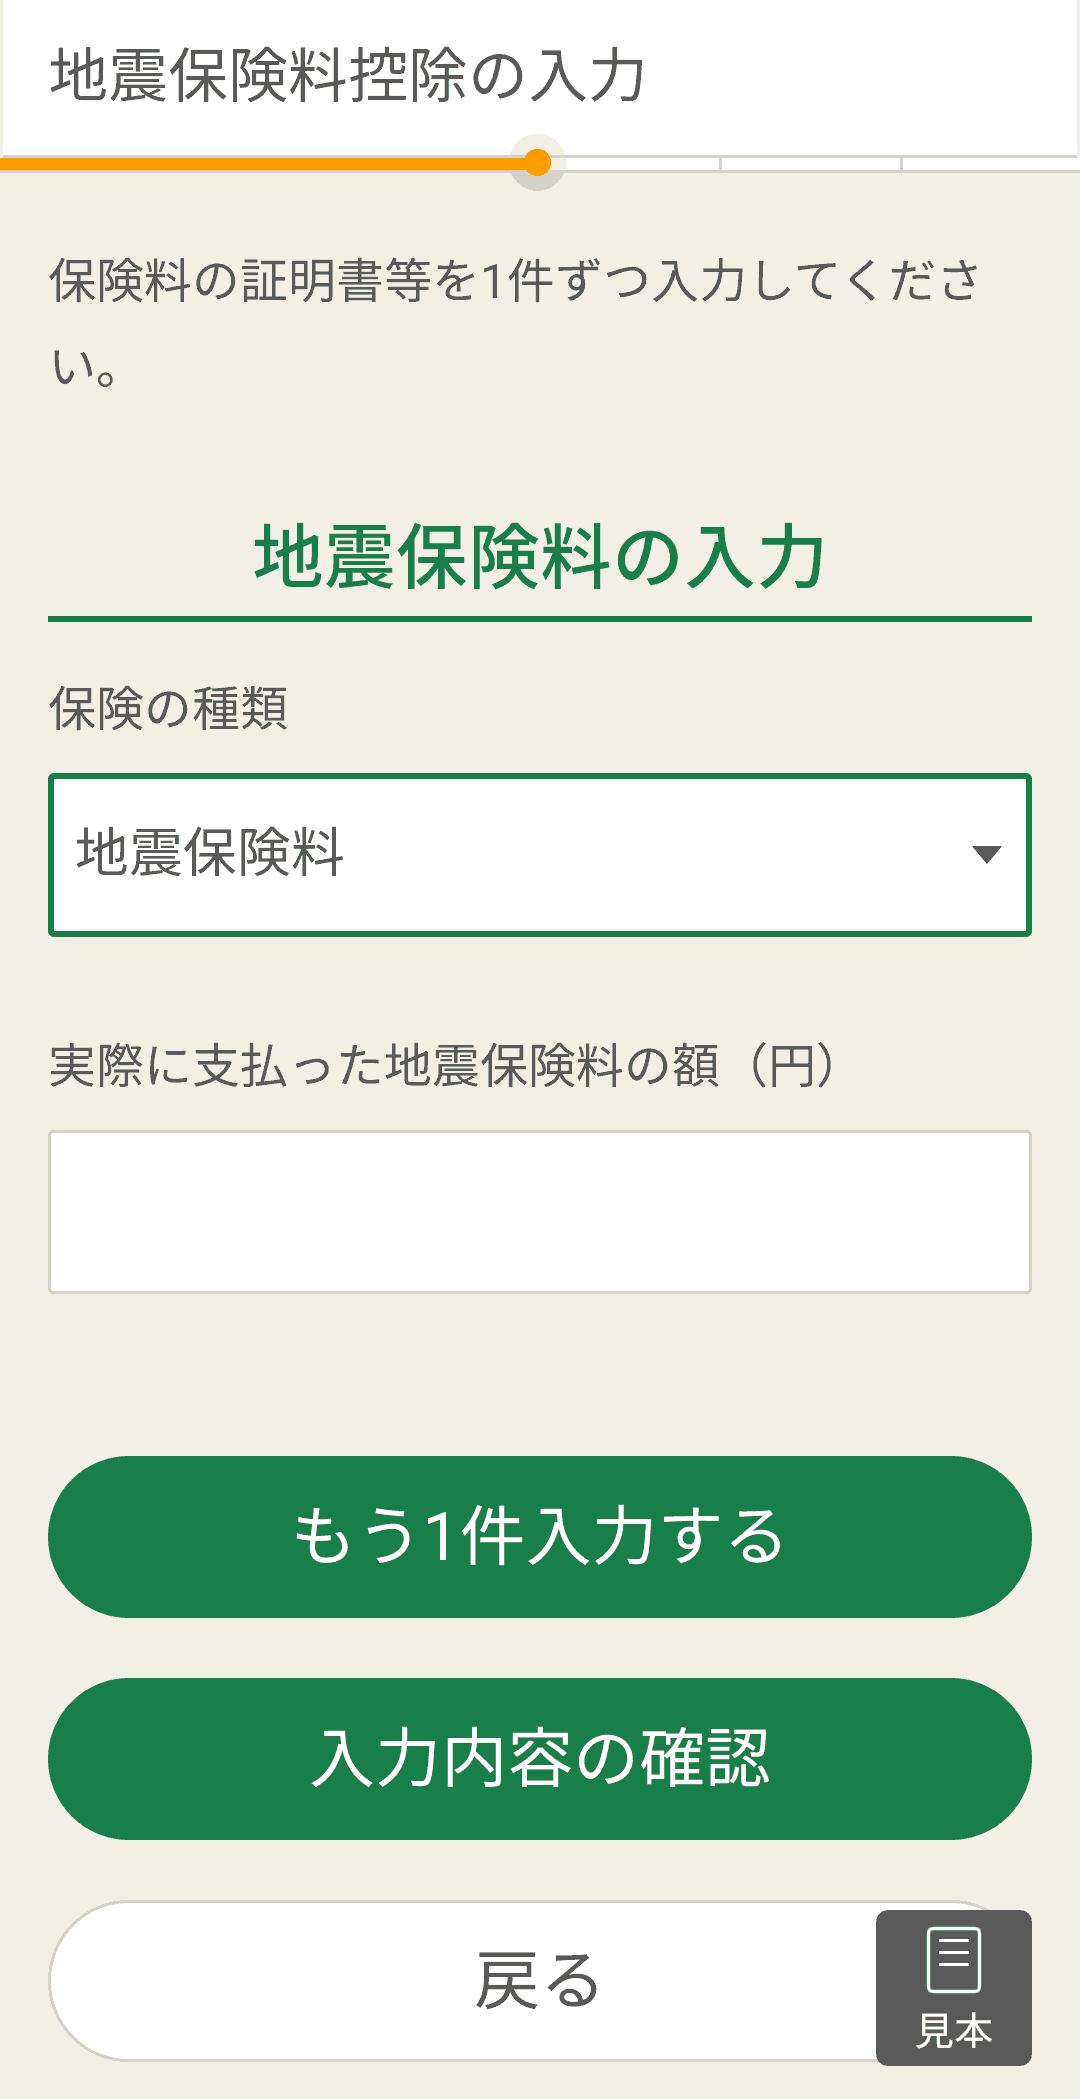 地震保険料控除3